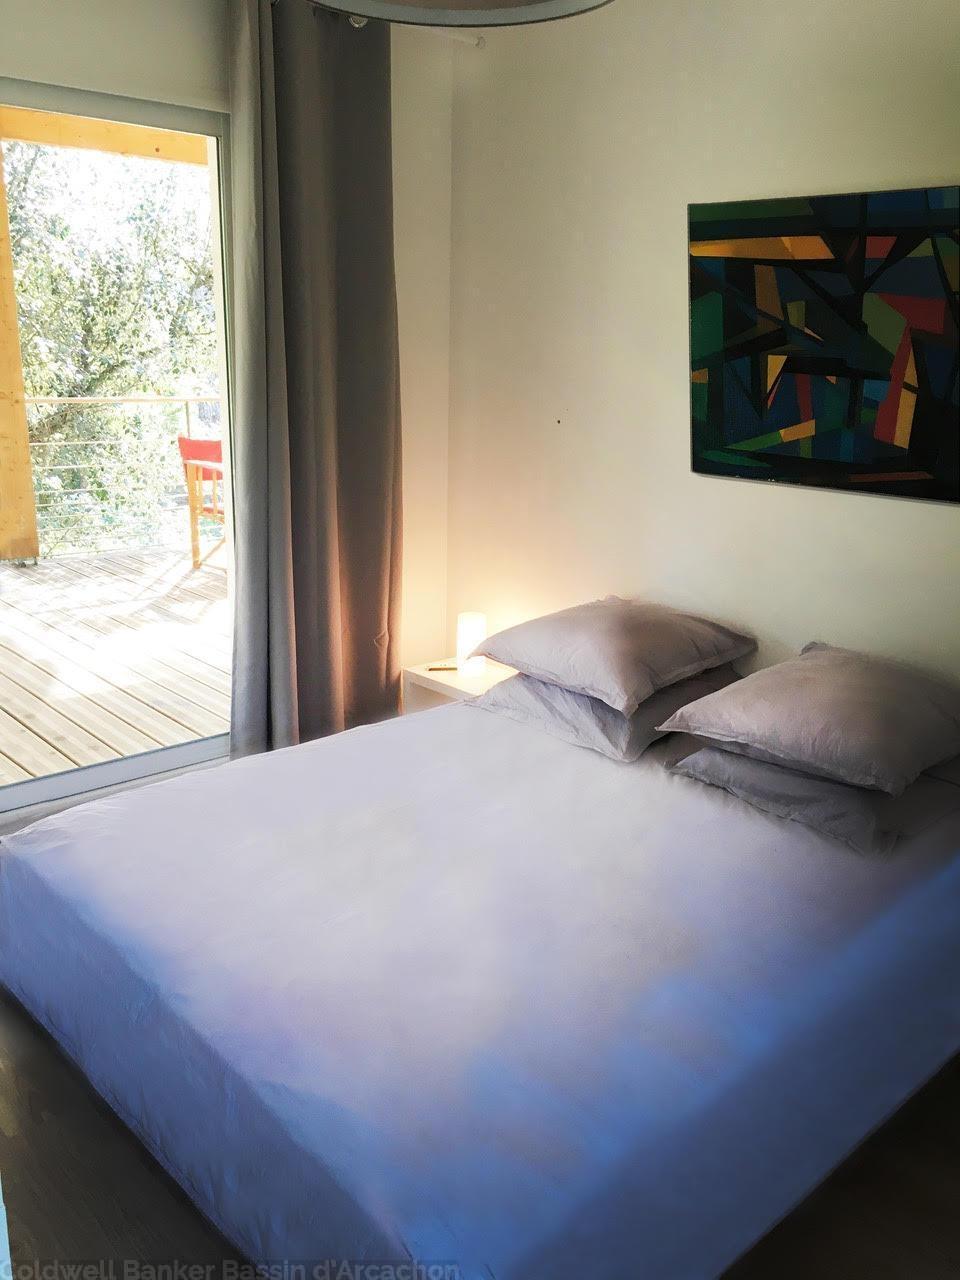 Location villa proche plage avec piscine chauffée ARCACHON LES ABATILLES